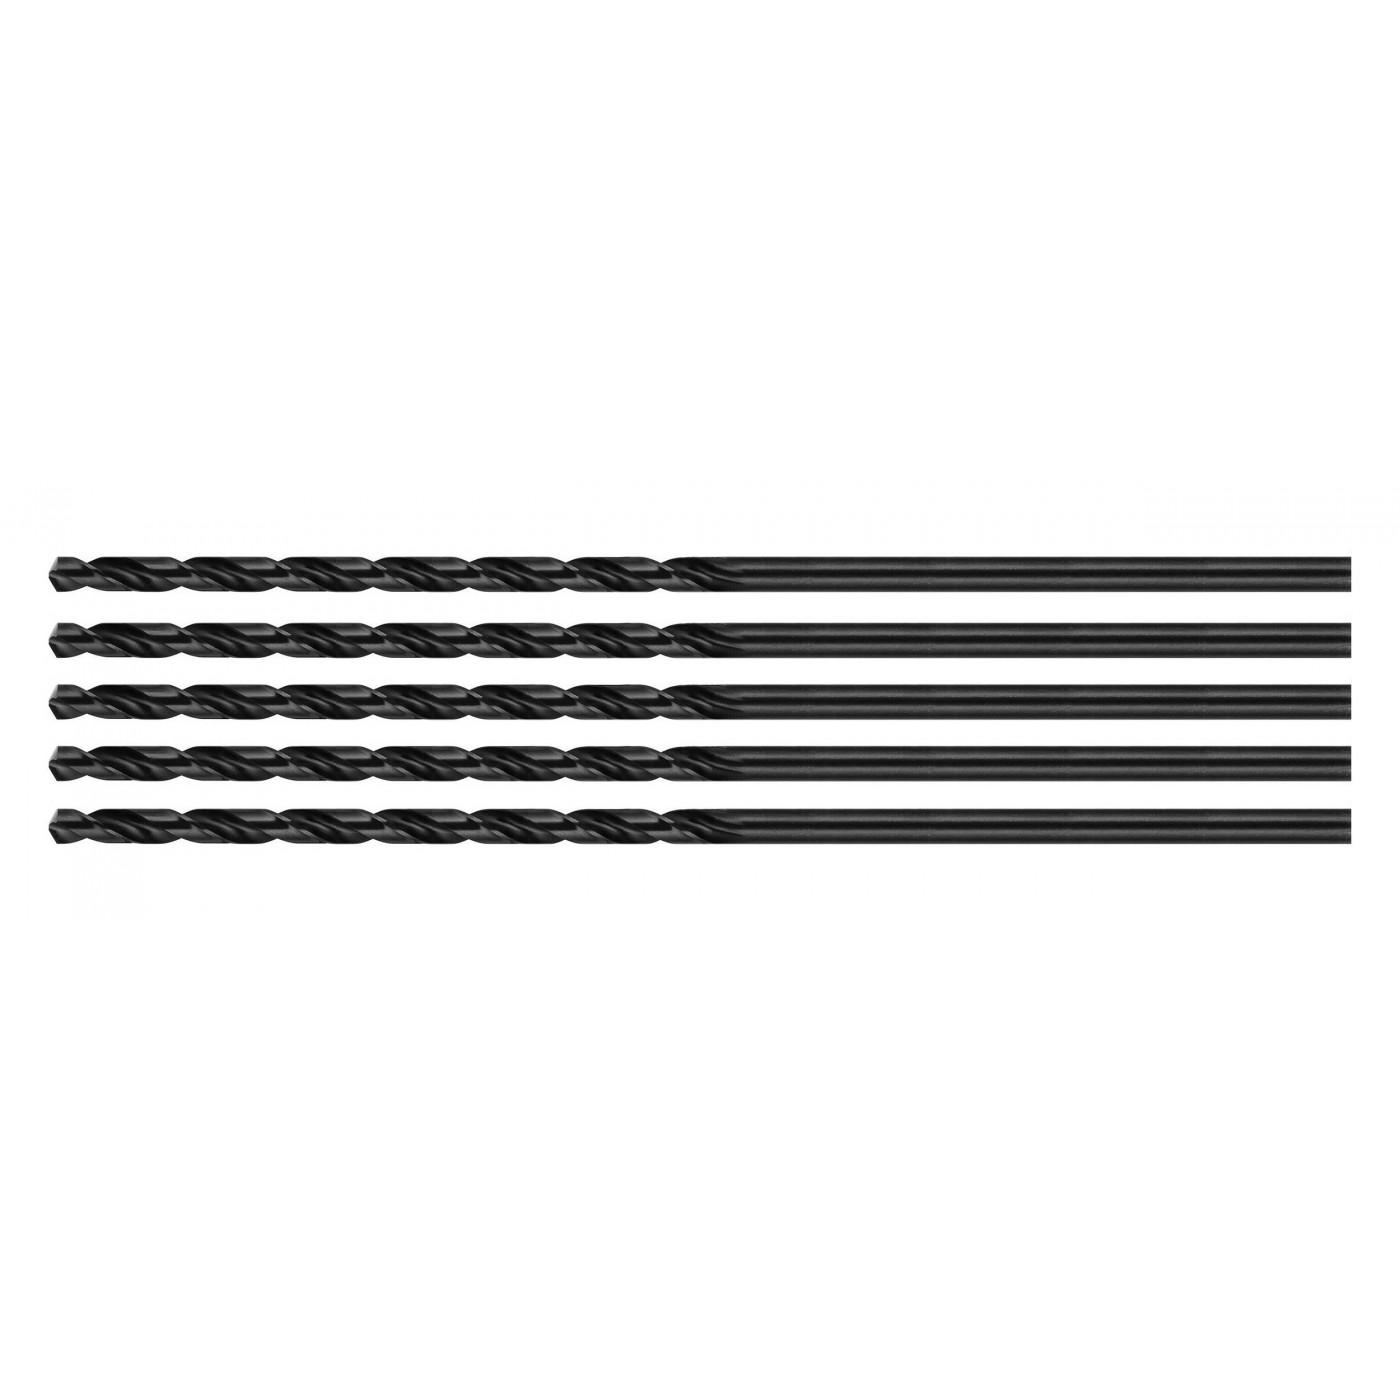 Conjunto de 5 brocas de metal (HSS, 4,0x200 mm)  - 1